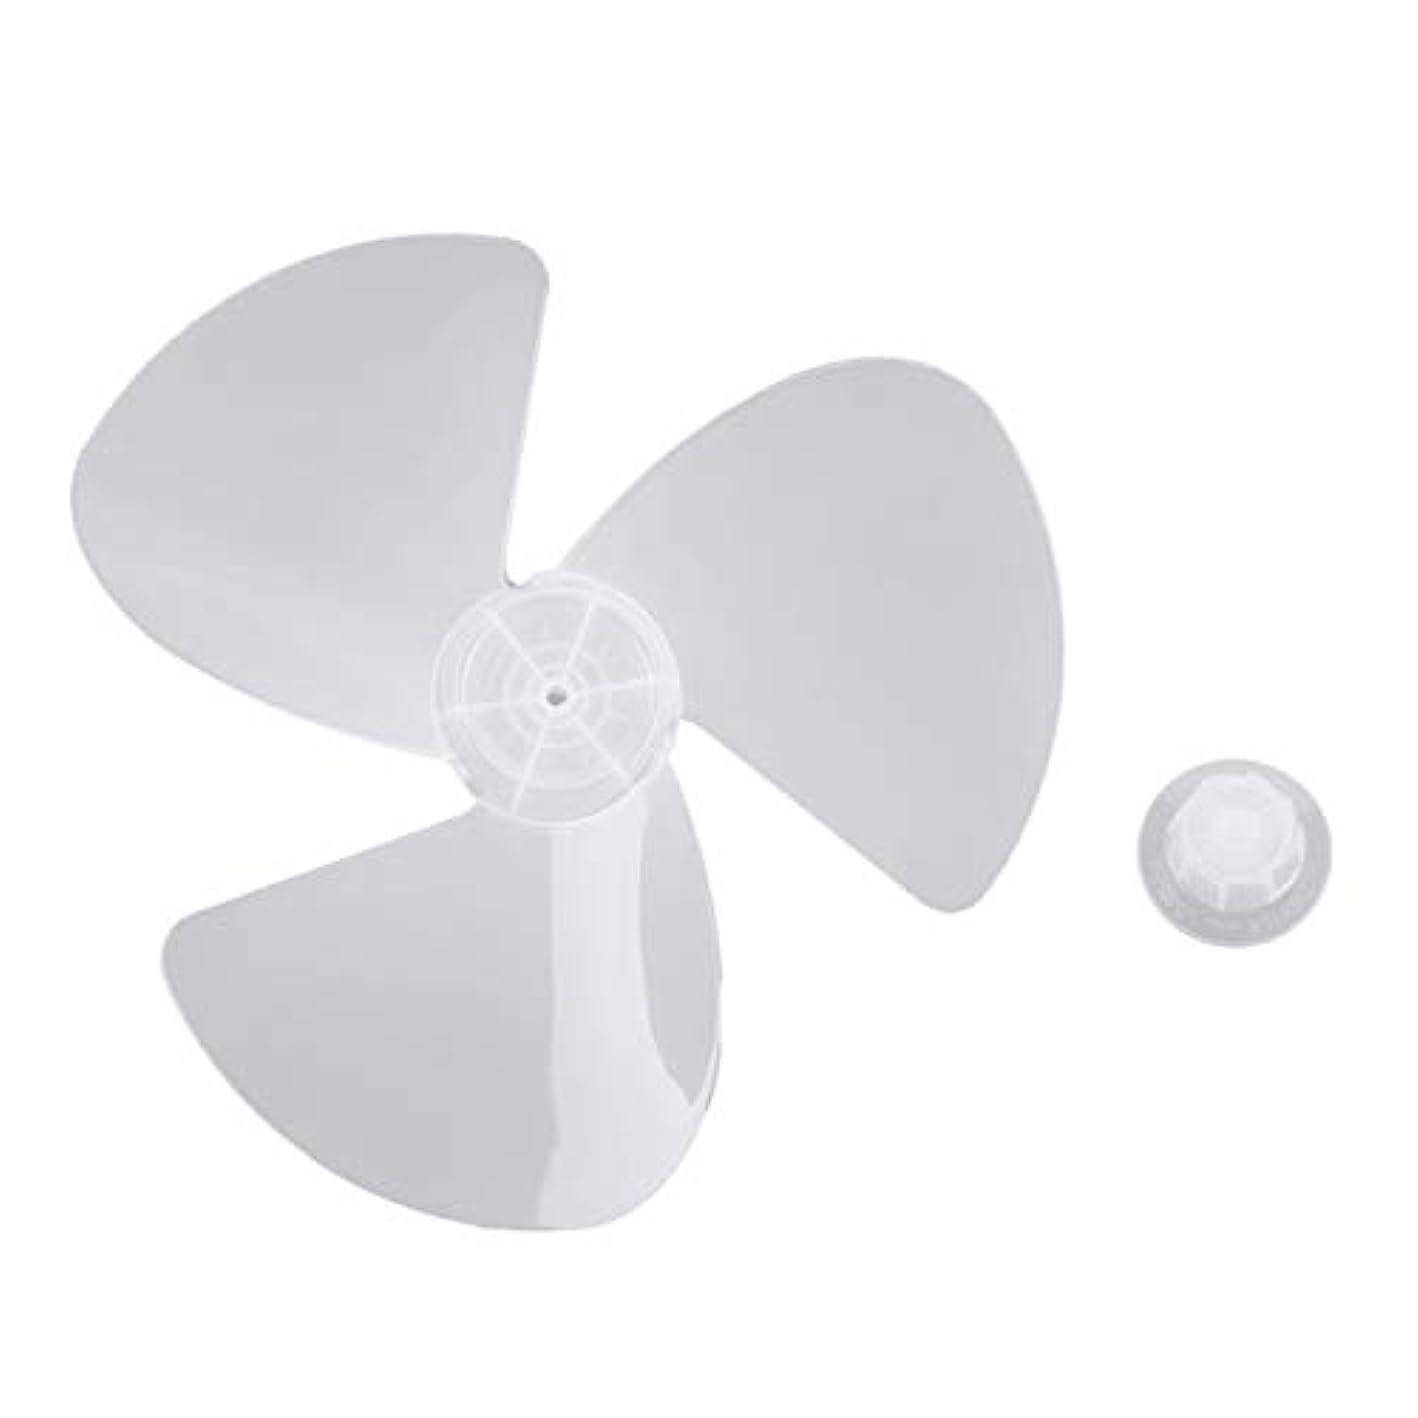 スリンク無条件行政(フィーショー) FEESHOW 交換用扇風機羽根 16インチ 40cmタイプ 家庭用 プラスチック 扇風機ブレード リビング扇風機 交換用羽根 ナッツ付き ワンサイズ